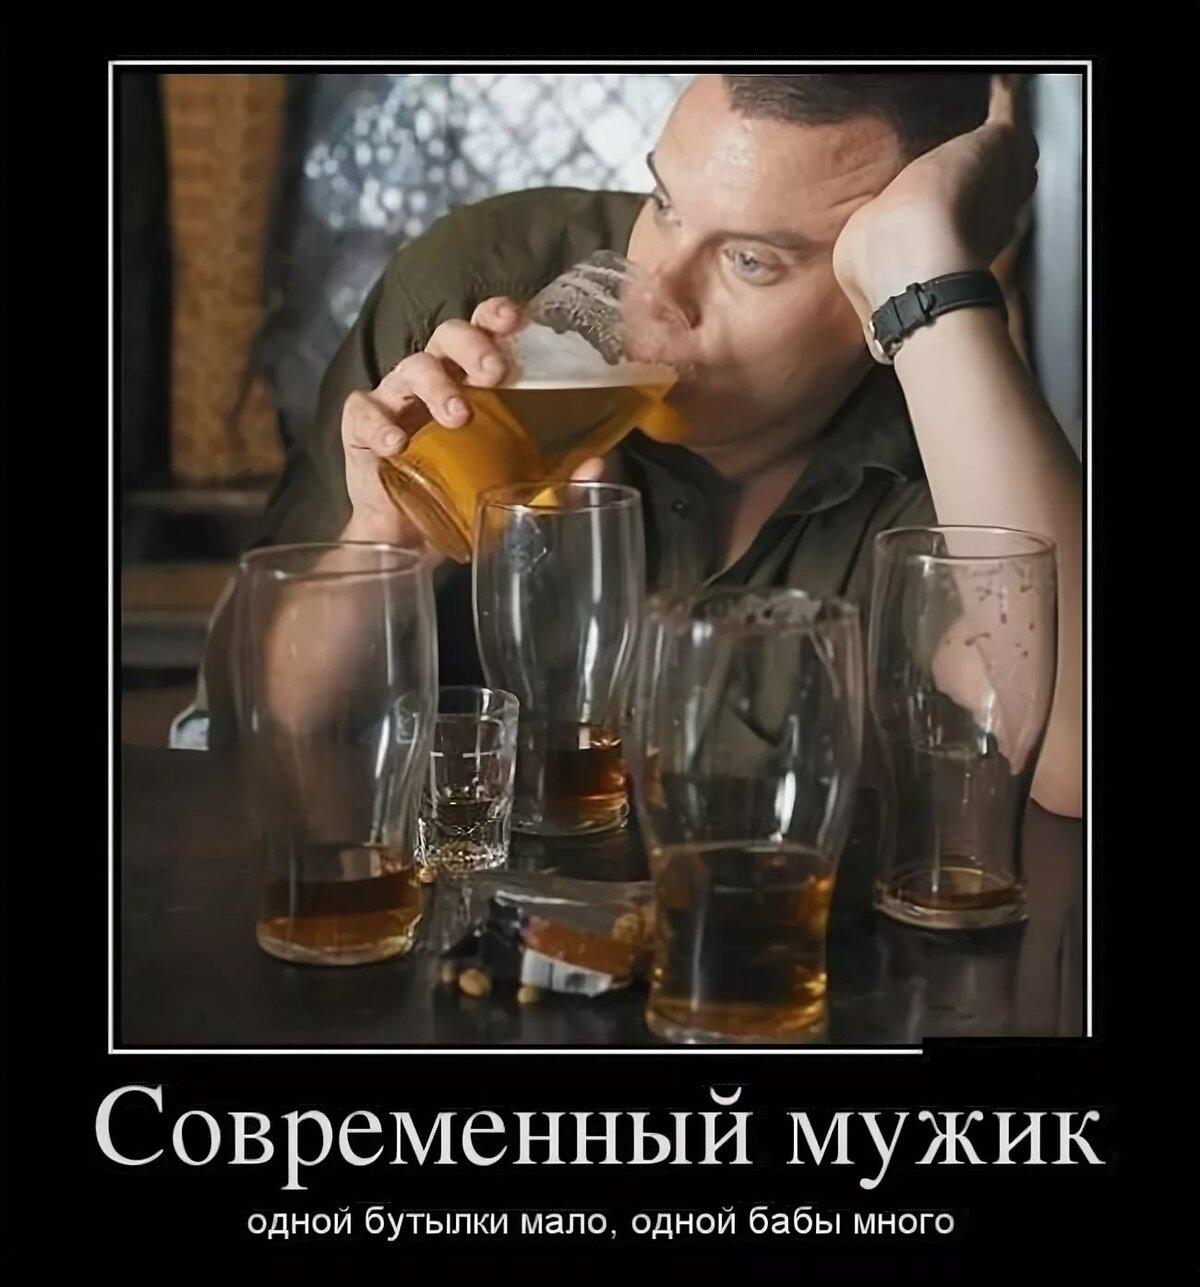 Прикольные картинки про алкоголь и мужчин, драгоценных